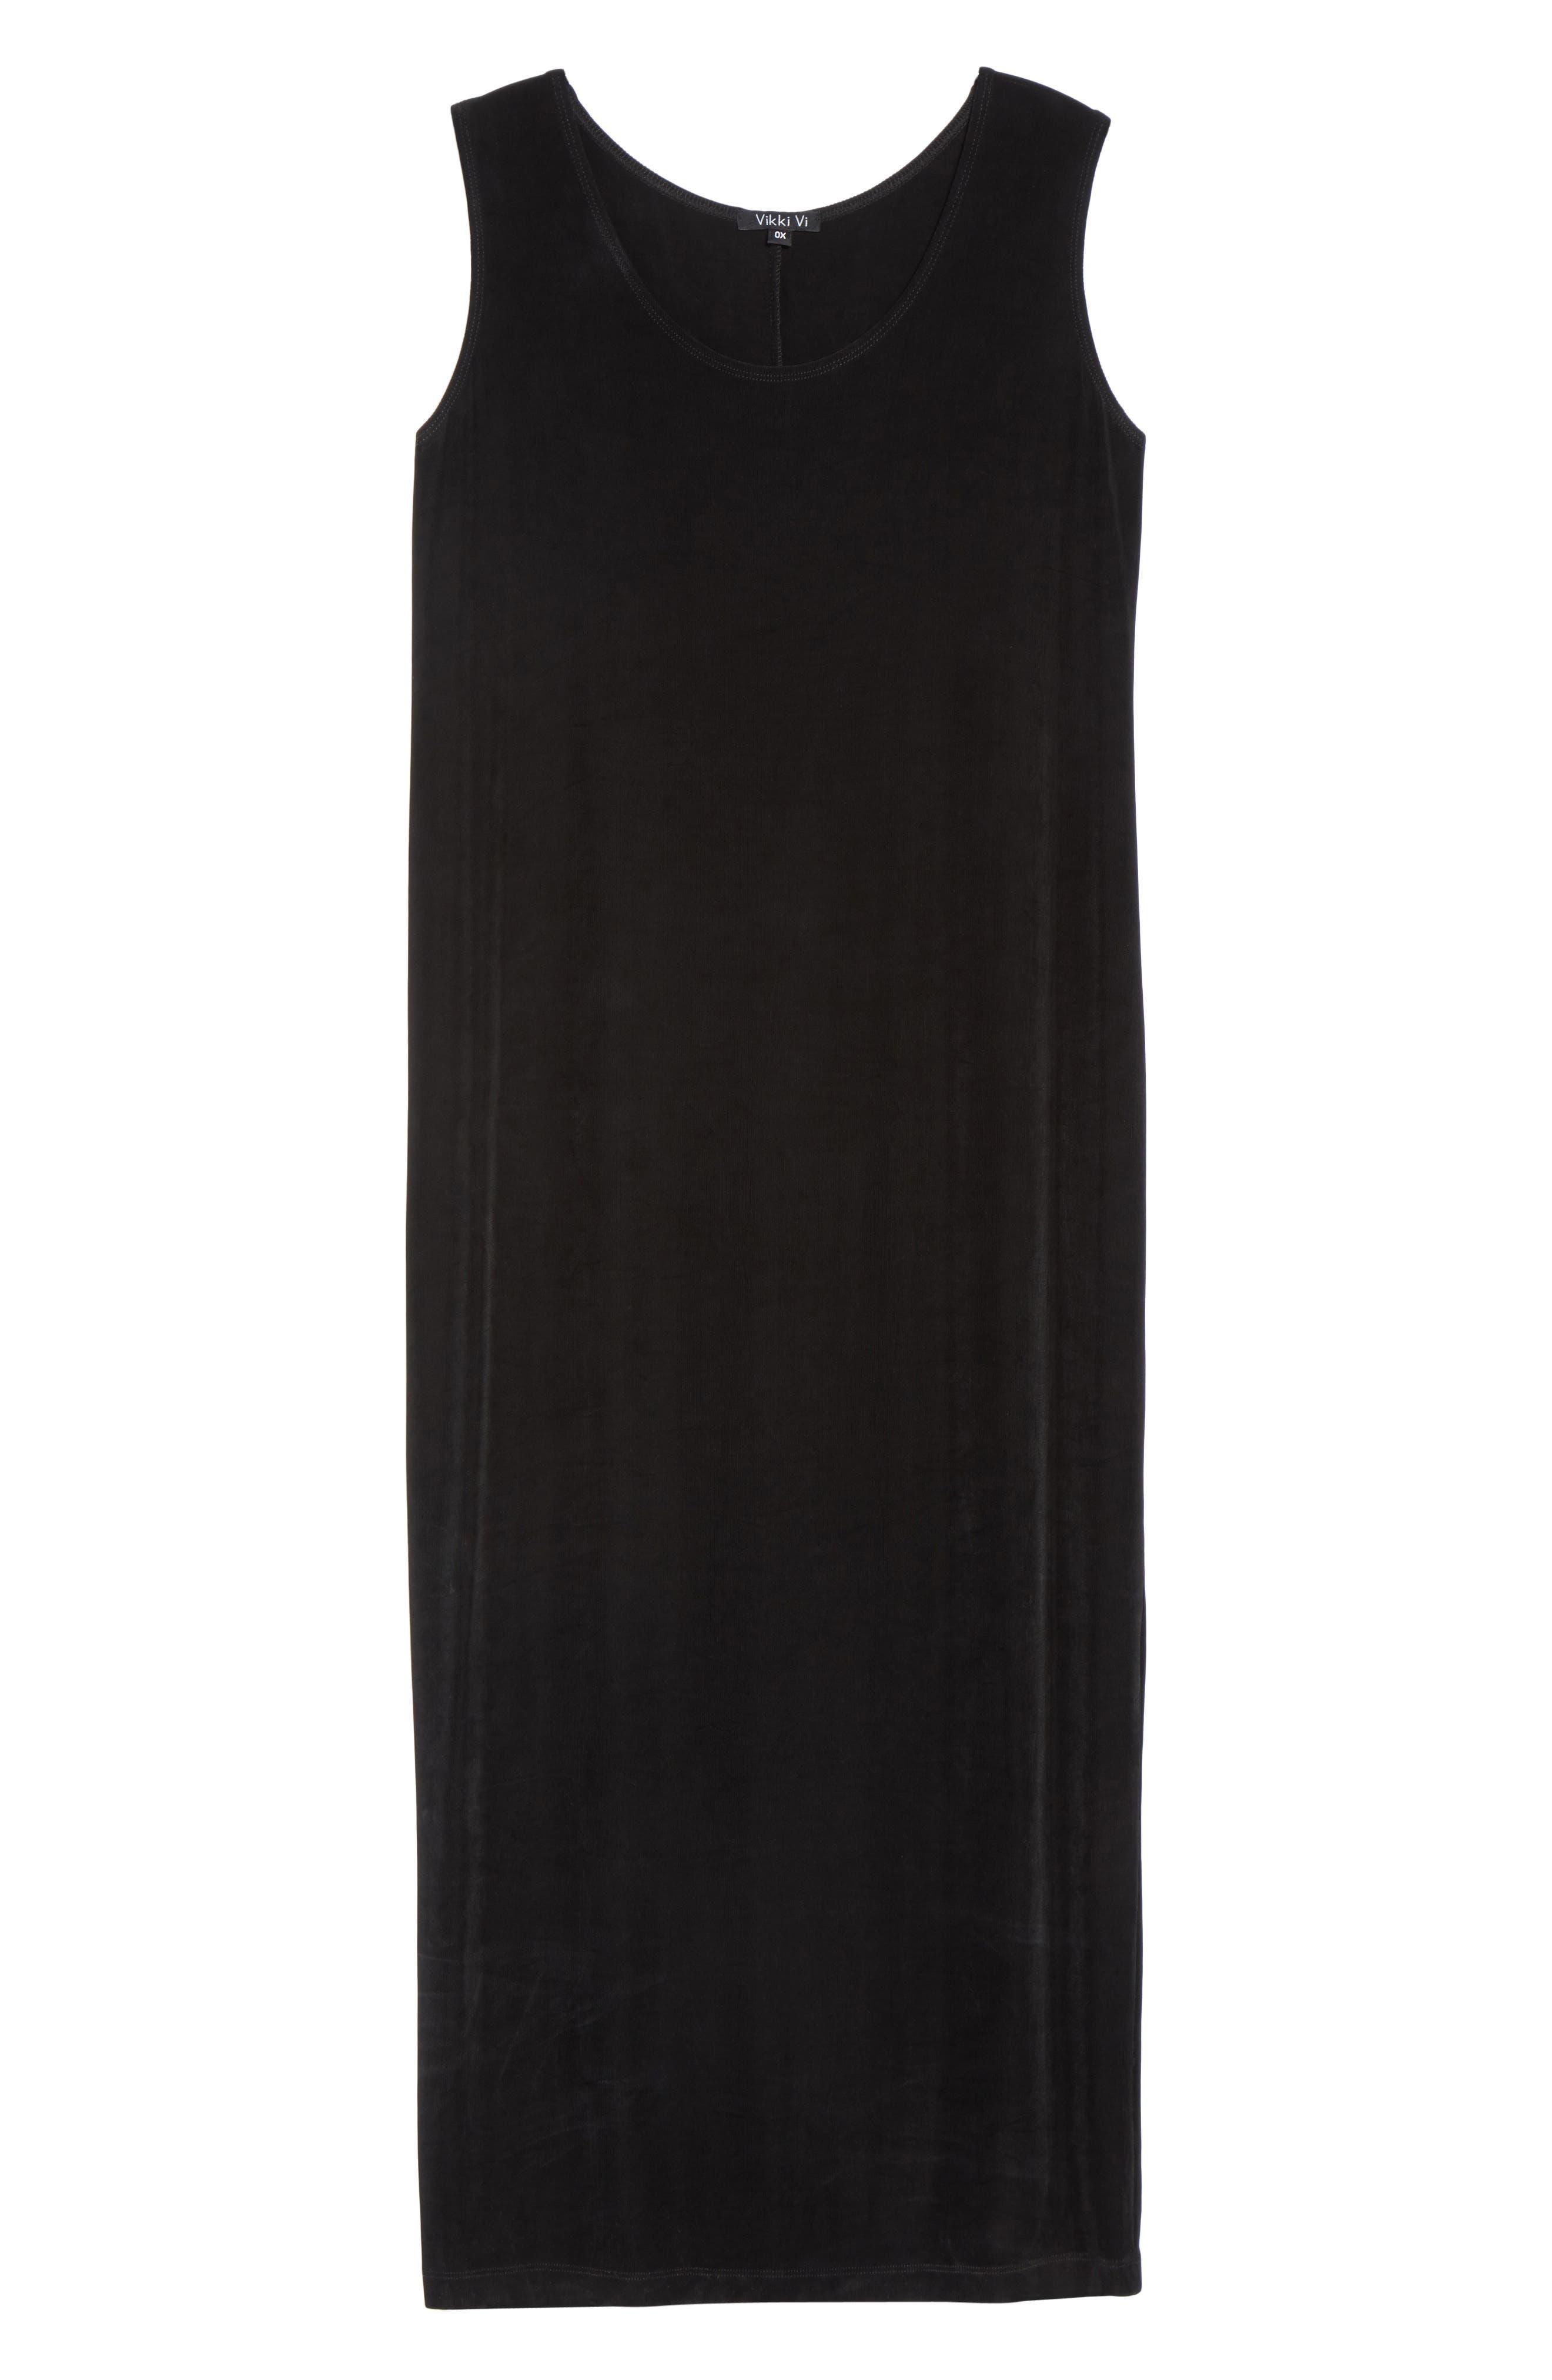 VIKKI VI, Sleeveless Maxi Tank Dress, Alternate thumbnail 6, color, BLACK